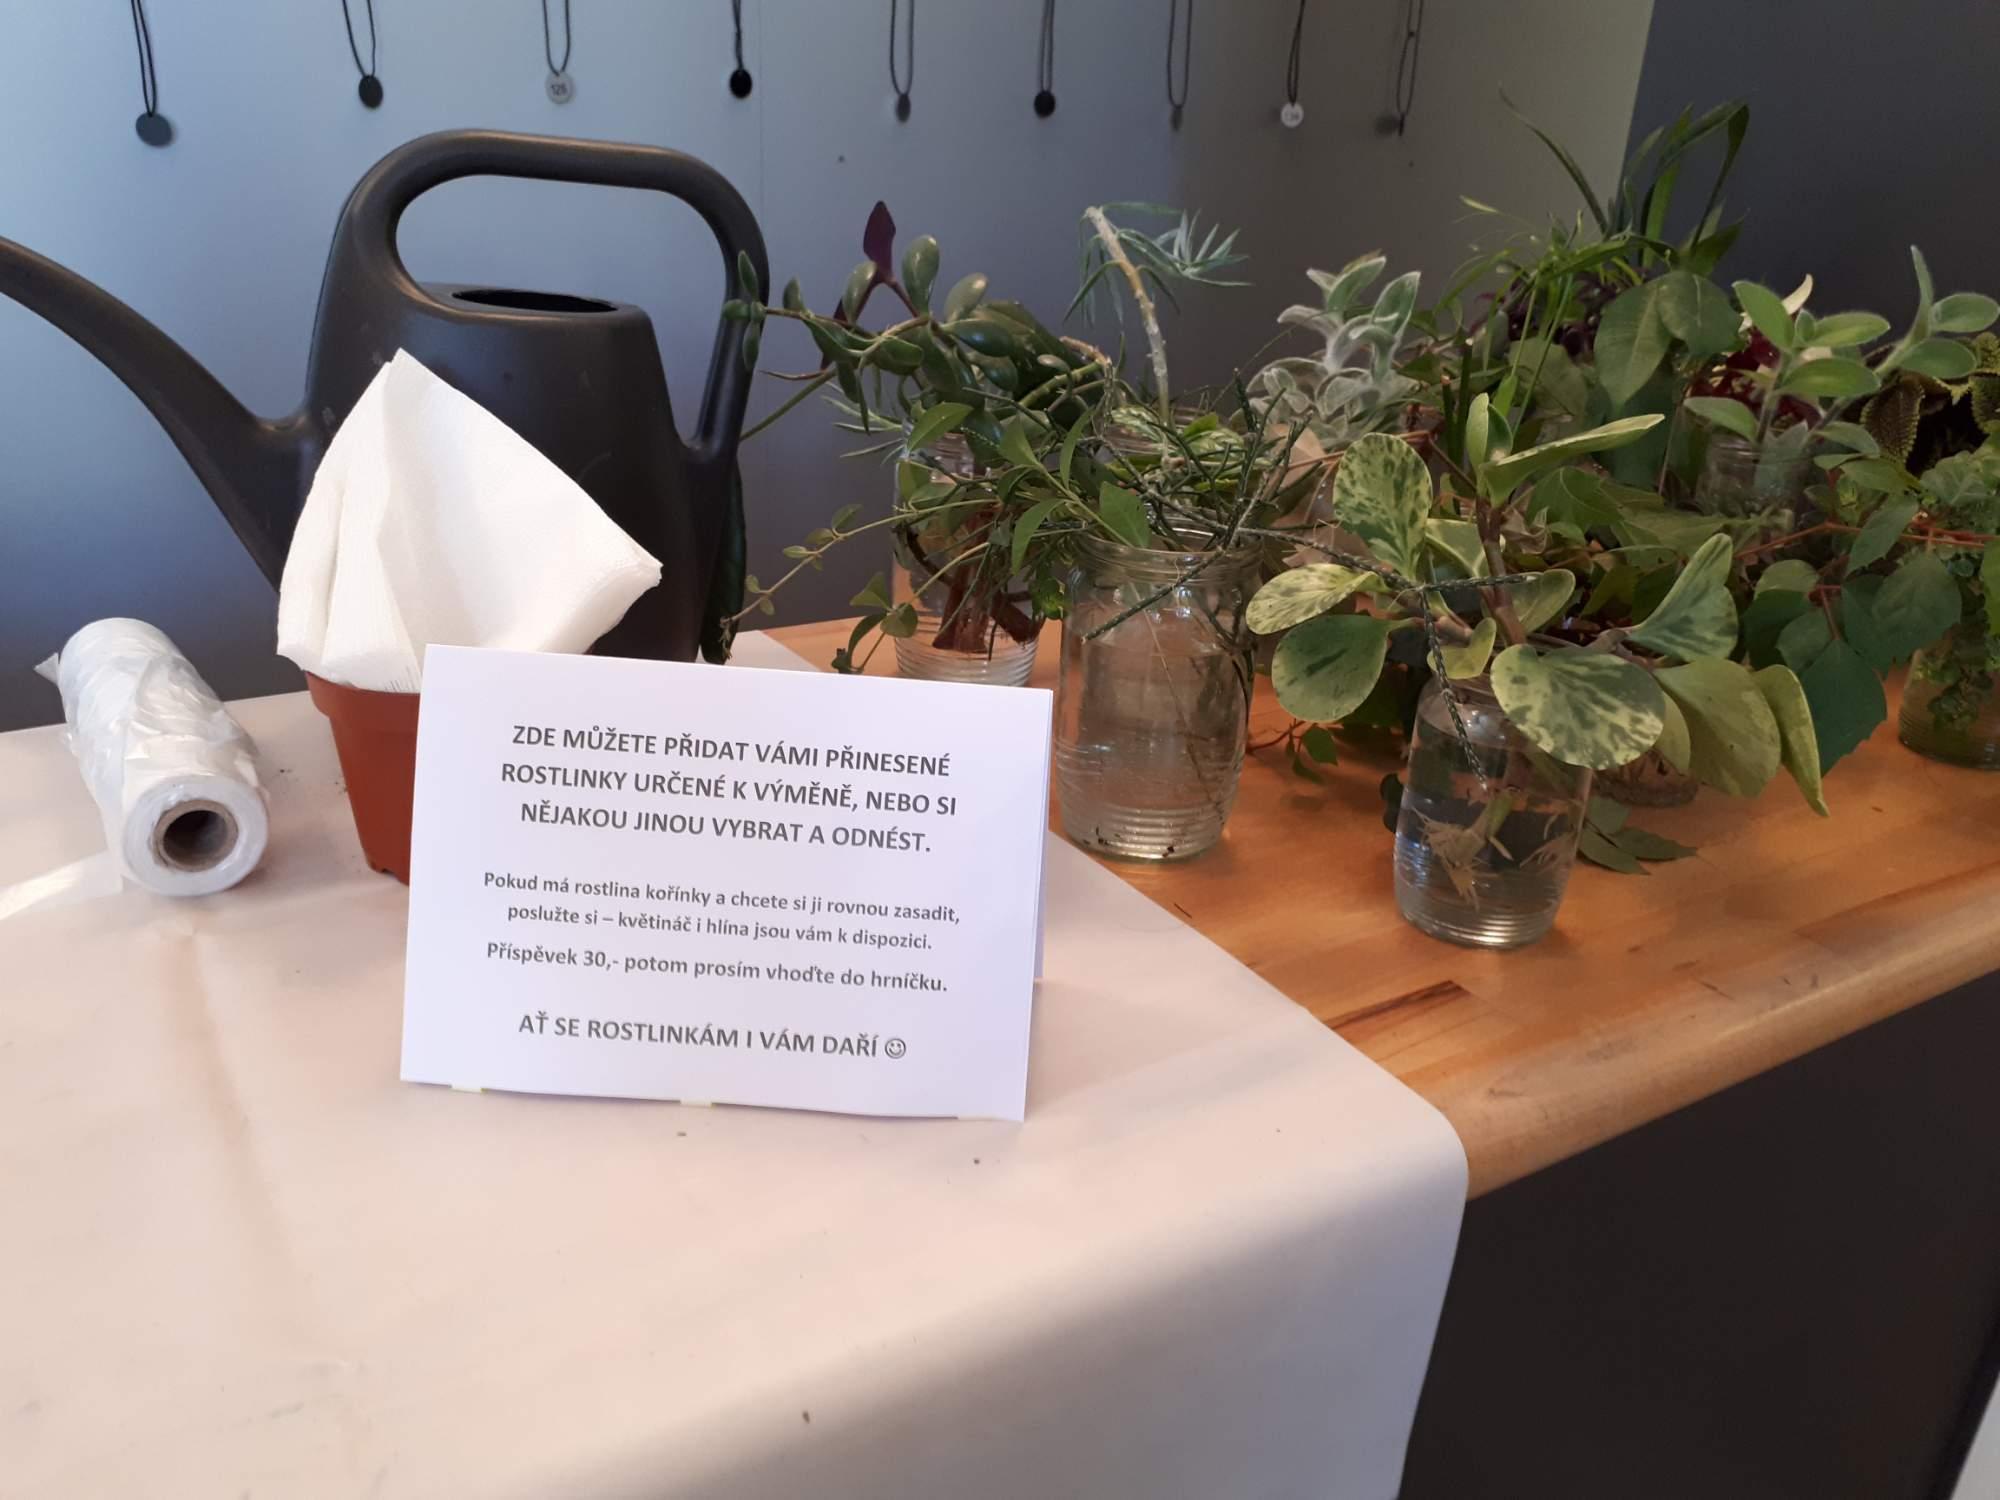 Vybrat a zasadit si kytičku do čerstvé hlíny mohli zájemci za třicet korun. Foto: Jana Blahošová